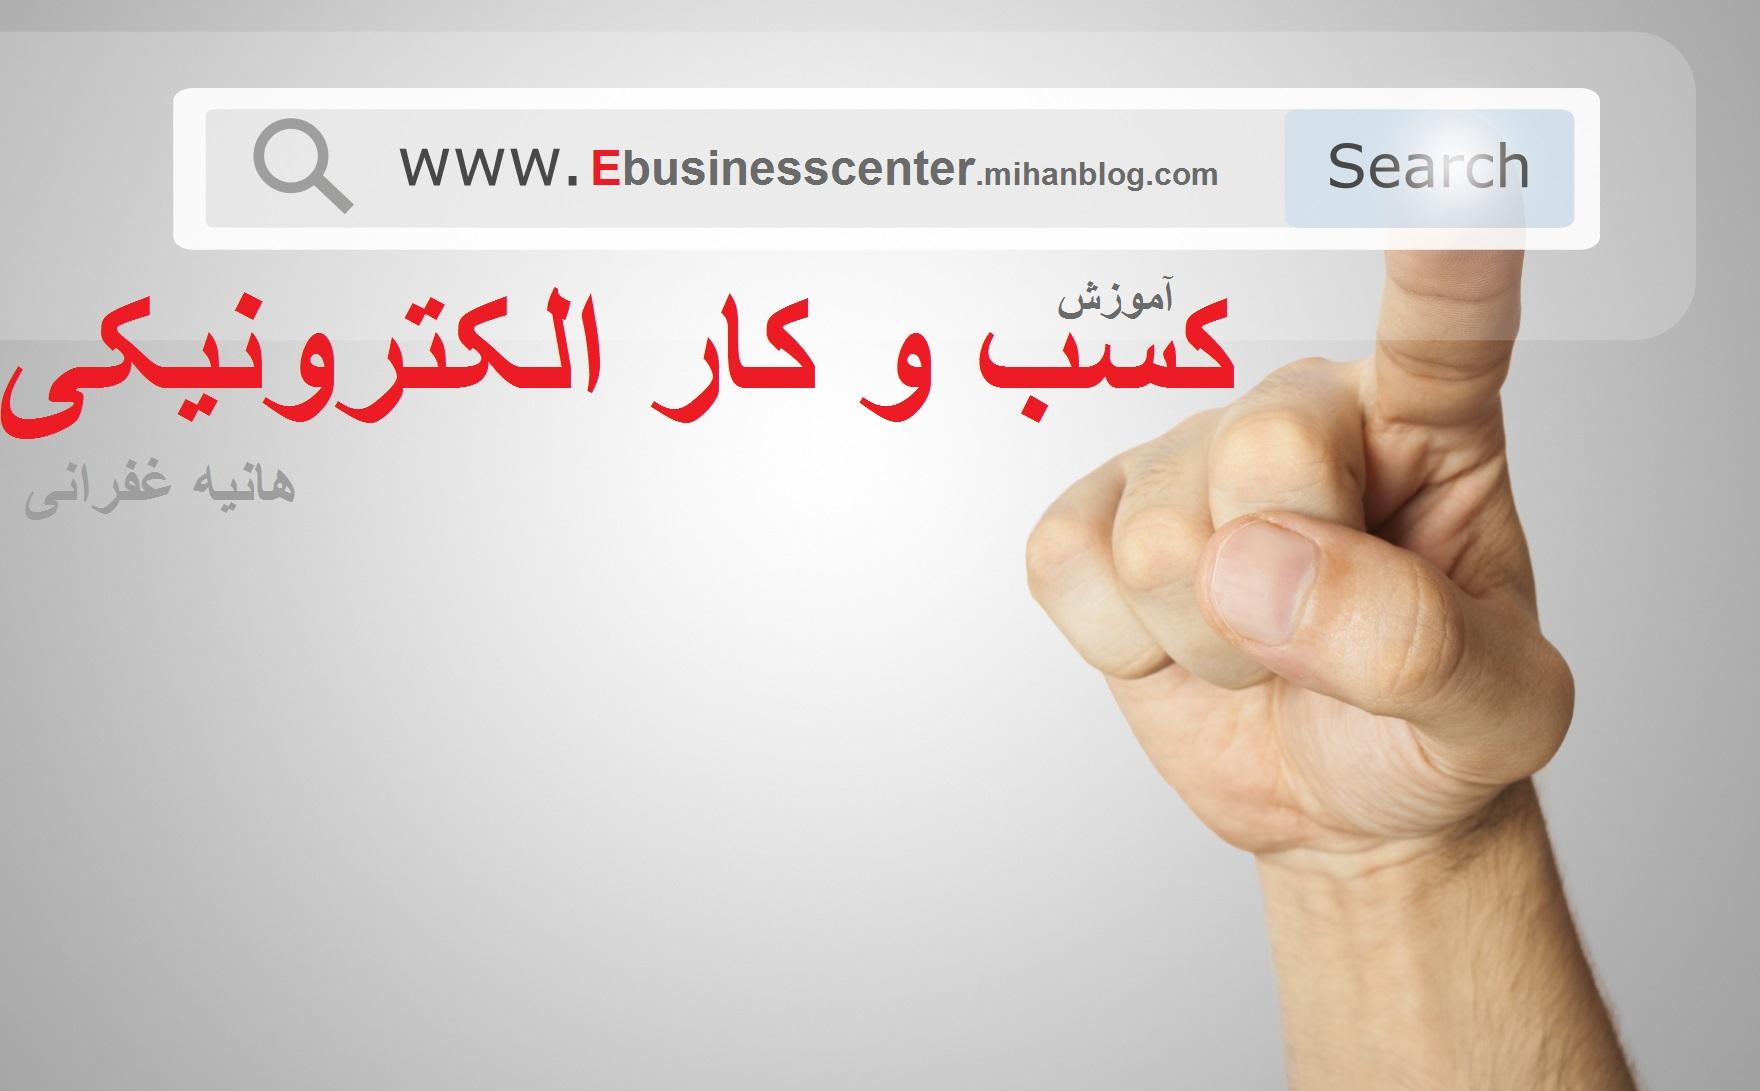 کسب و کار الکترونیکی